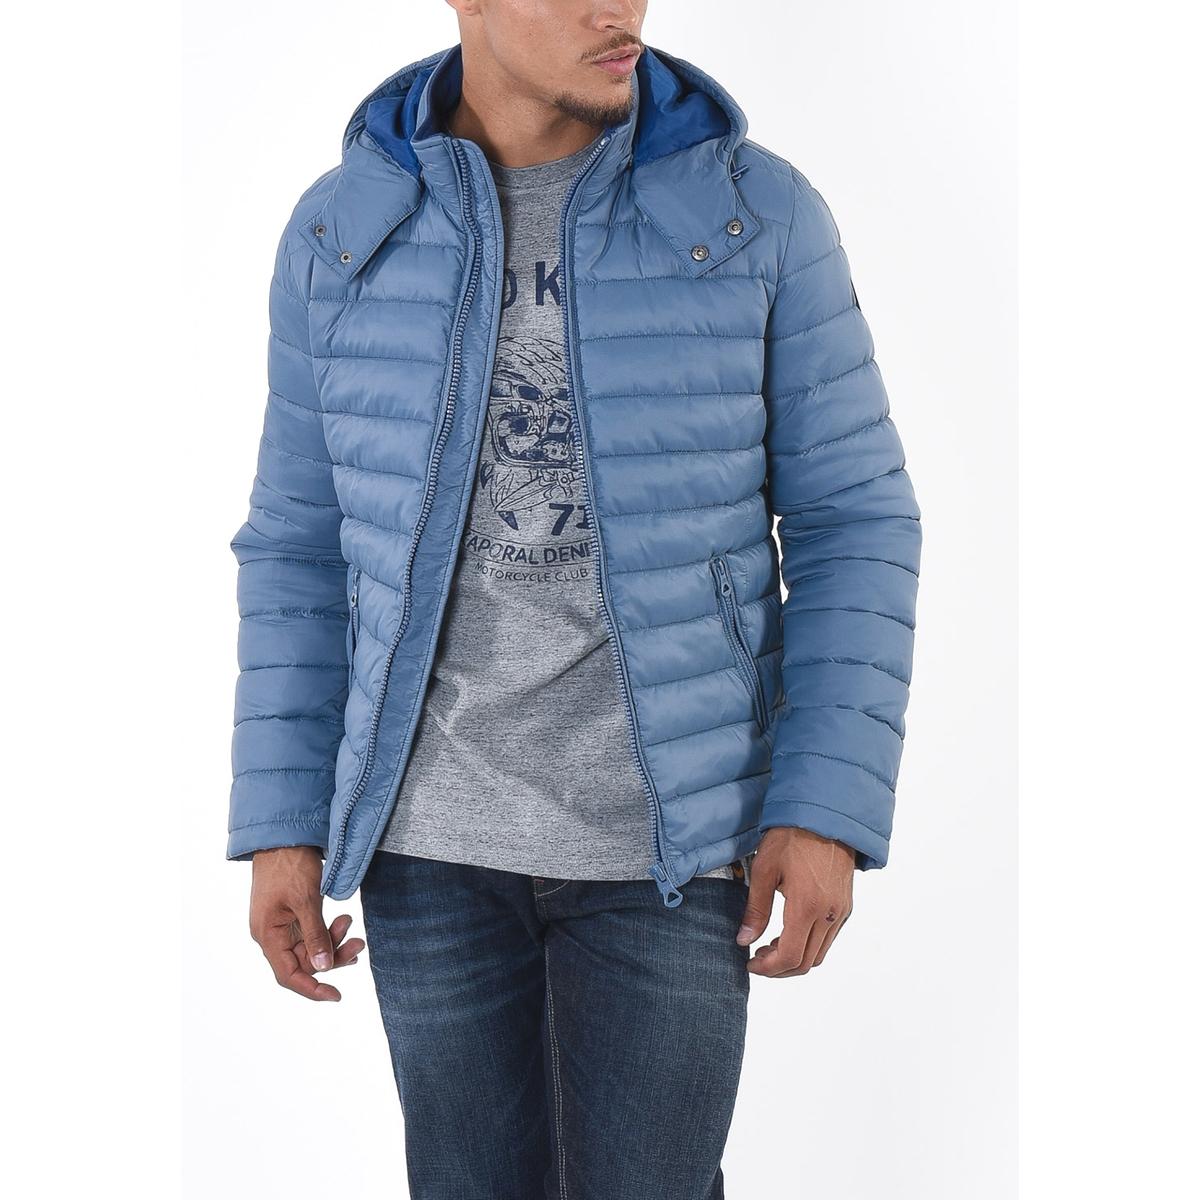 Куртка короткая демисезонная с капюшономДетали  •  Длина  : укороченная  •  Воротник-стойка •  Застежка на молнию  •  С капюшоном Состав и уход  •  100% полиамид  •  Следуйте советам по уходу, указанным на этикетке<br><br>Цвет: серый,черный<br>Размер: L.M